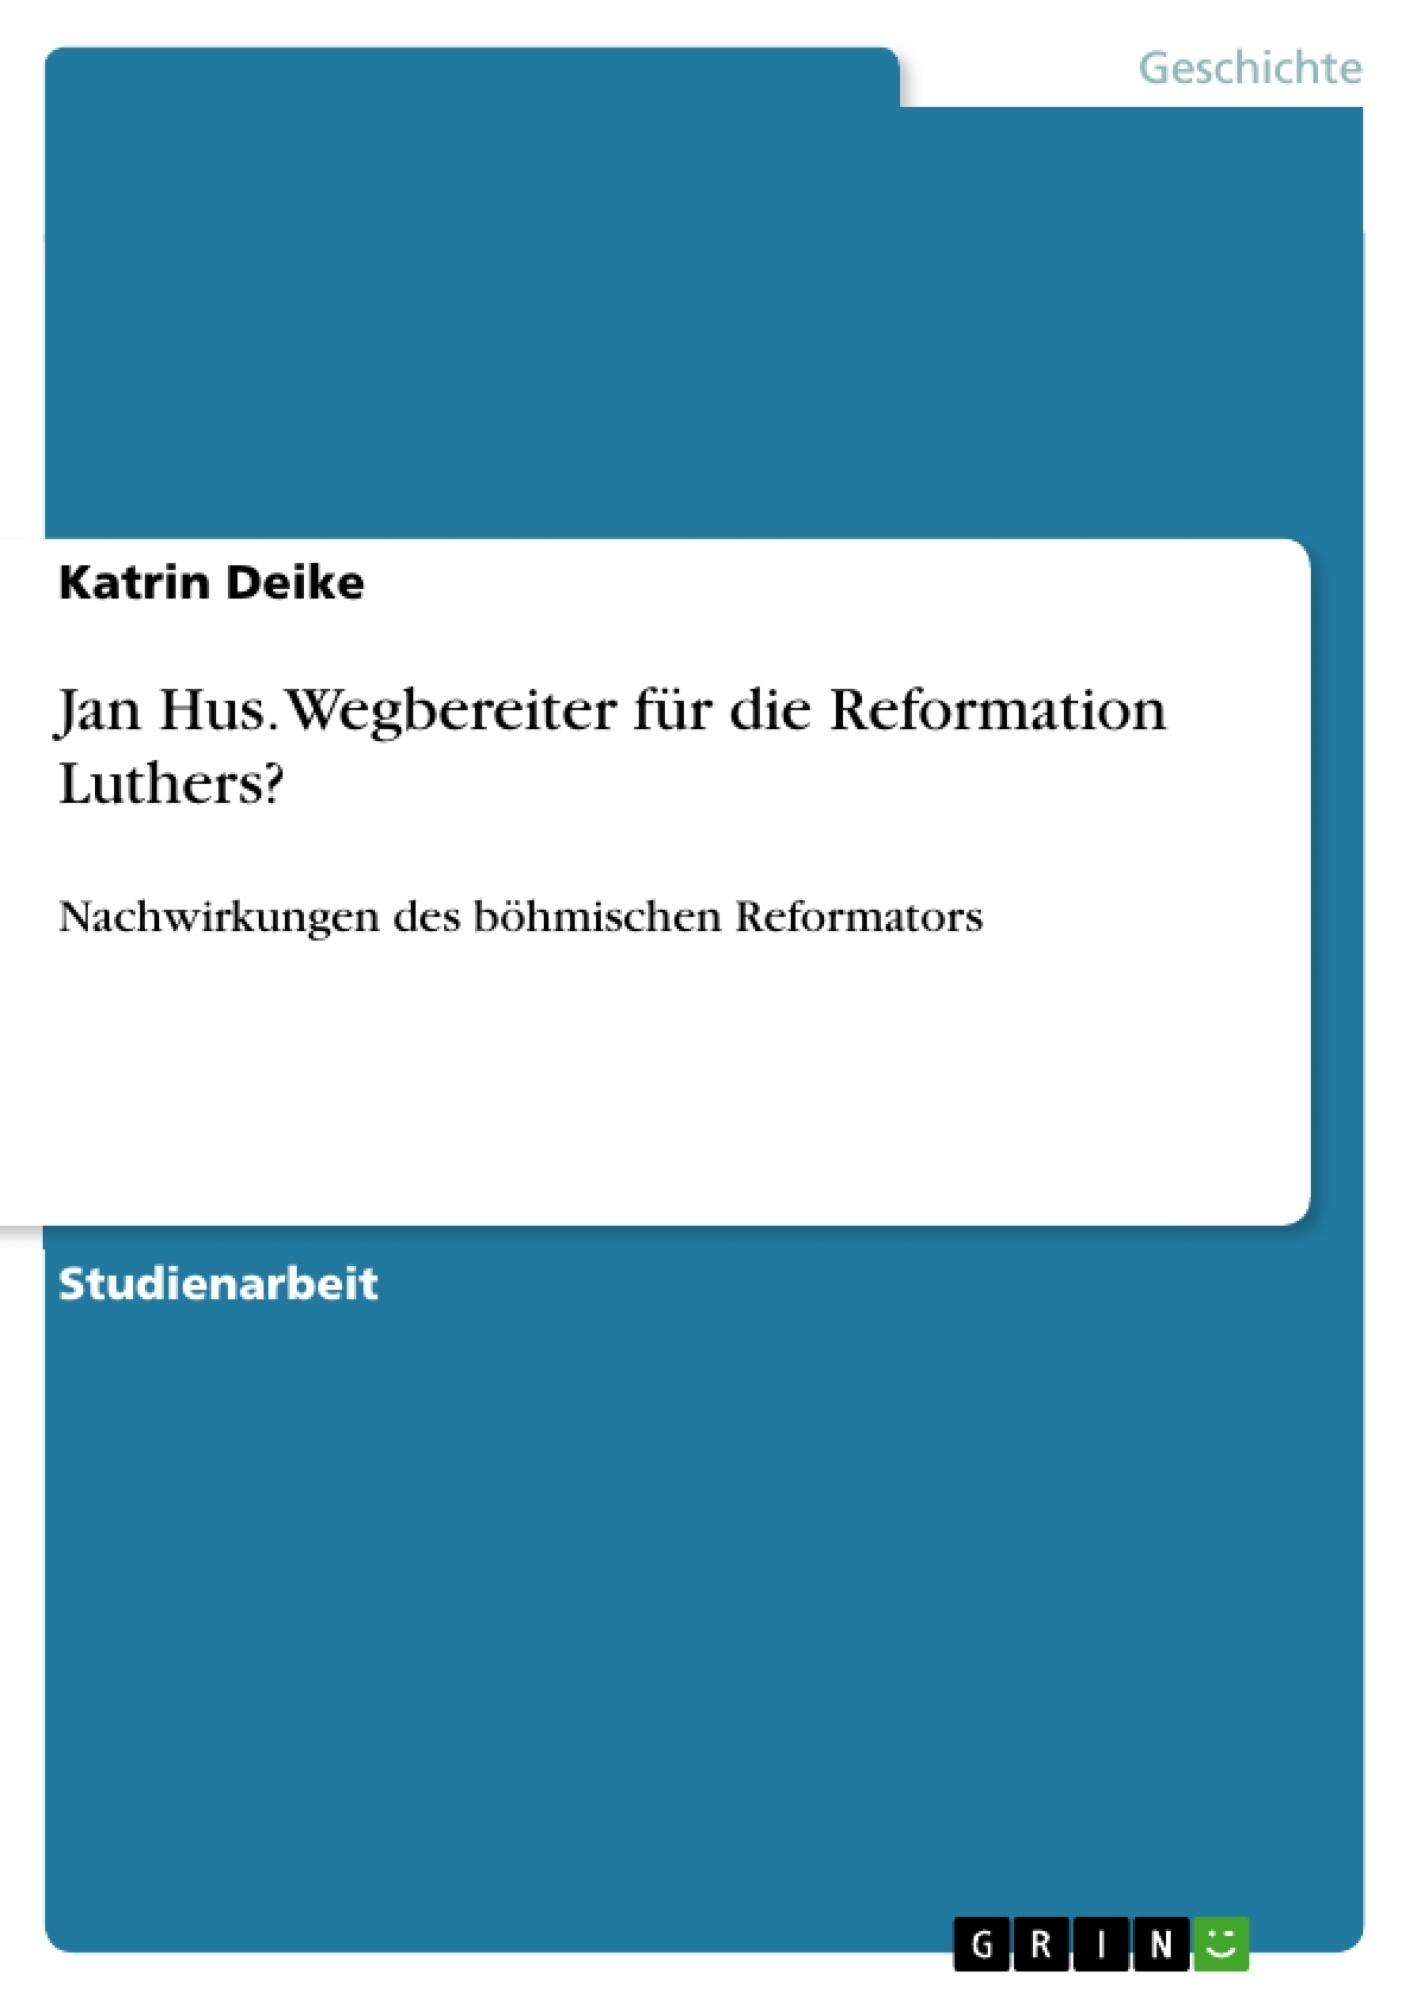 Titel: Jan Hus. Wegbereiter für die Reformation Luthers?